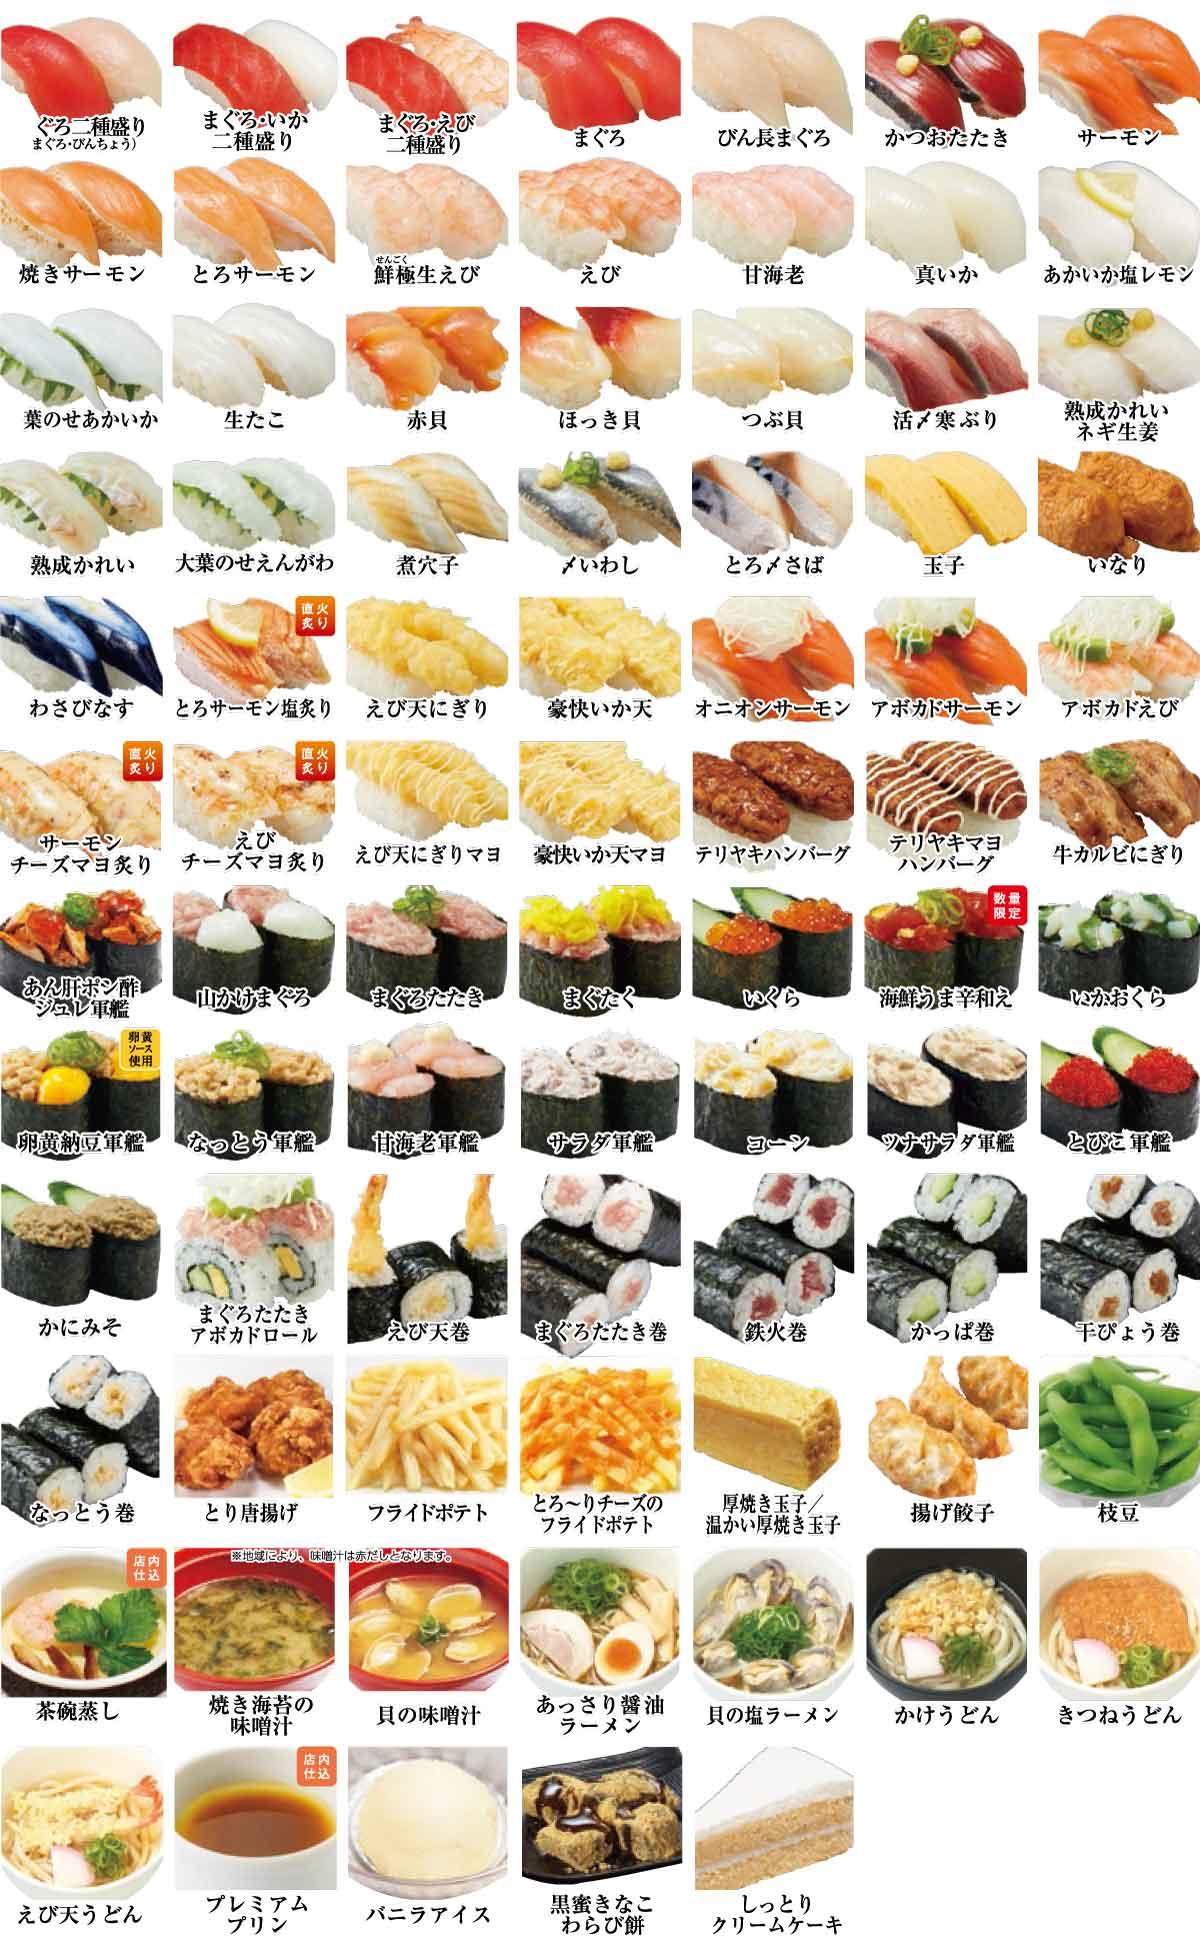 かっぱ 寿司 食べ 放題 料金